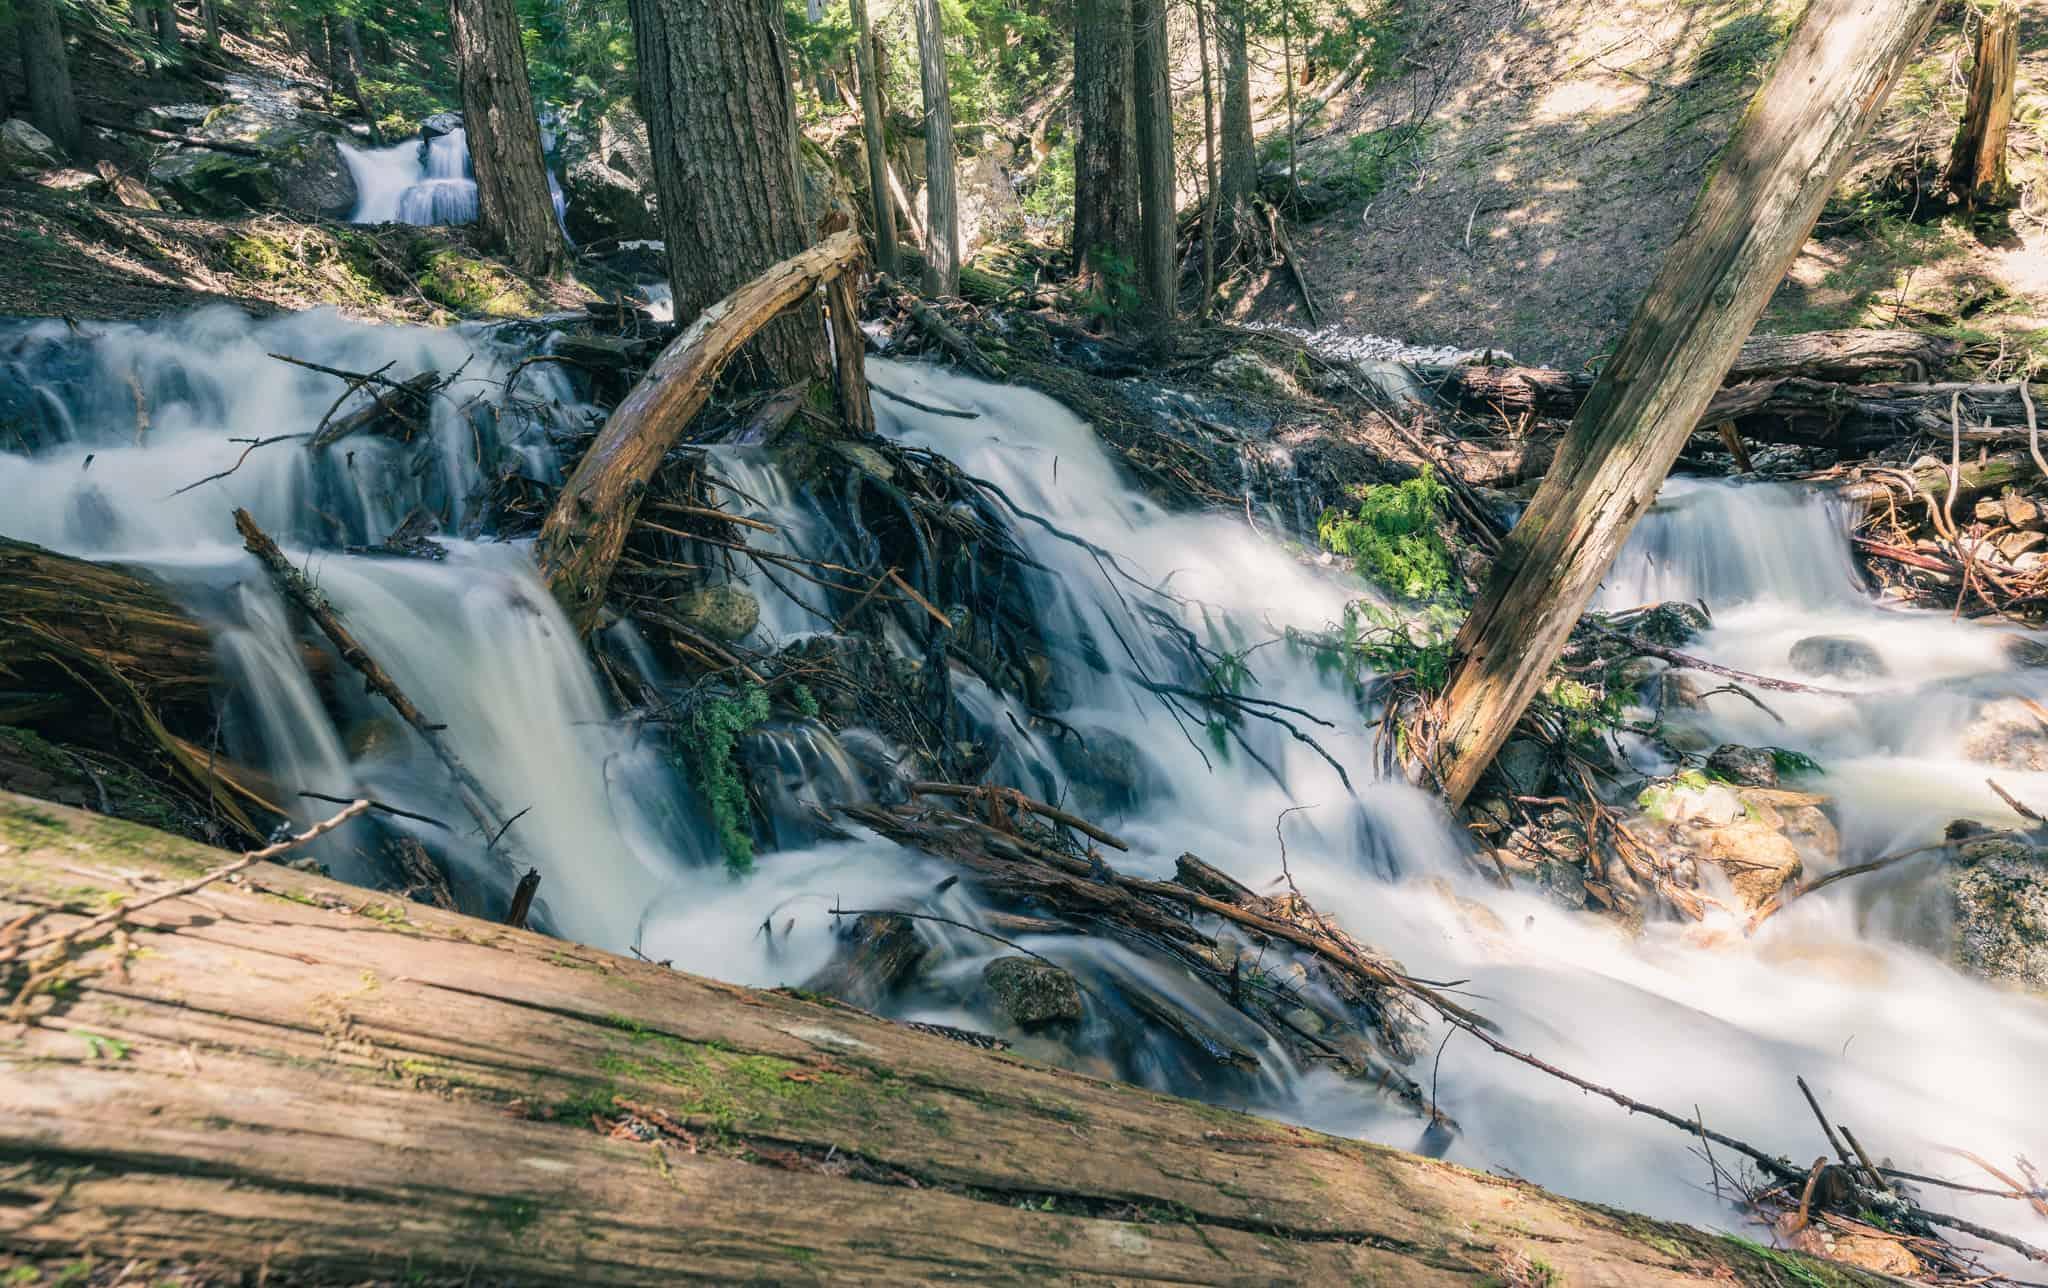 Mount Revelstoke National Park Hiking